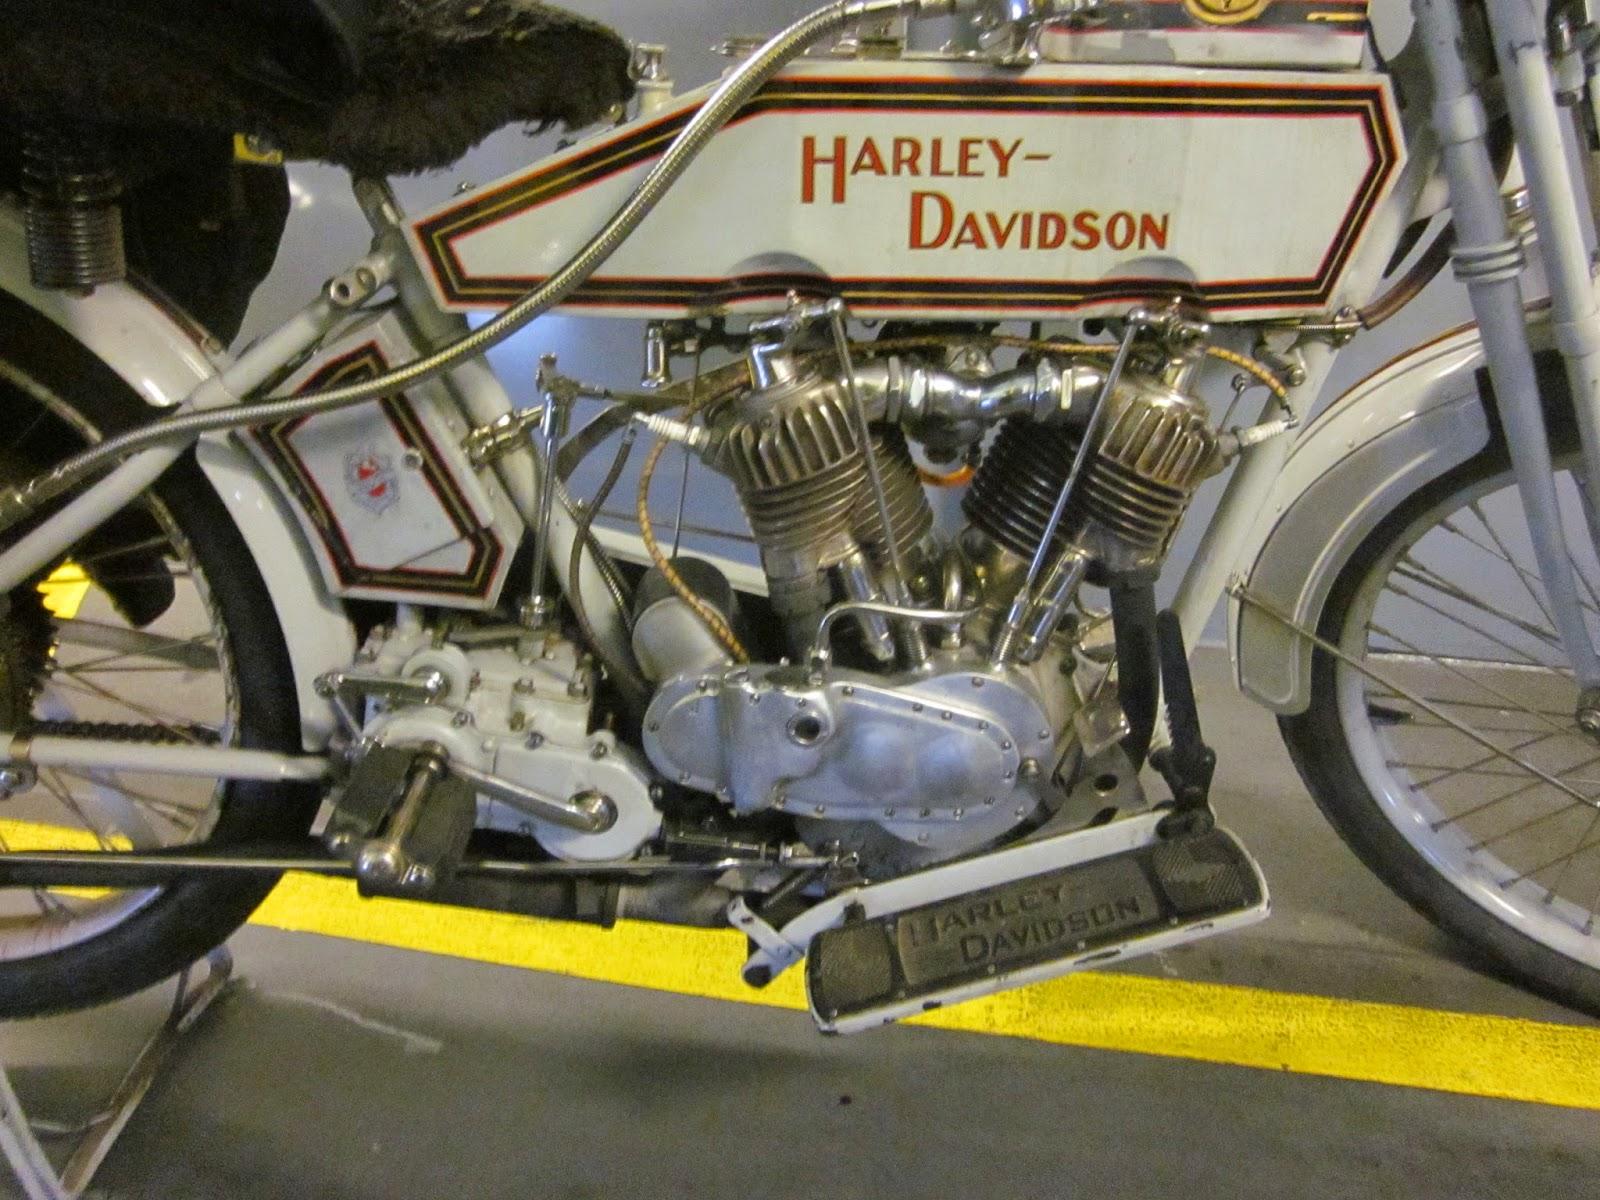 Harley-Davidson 1915 KT Board Racer